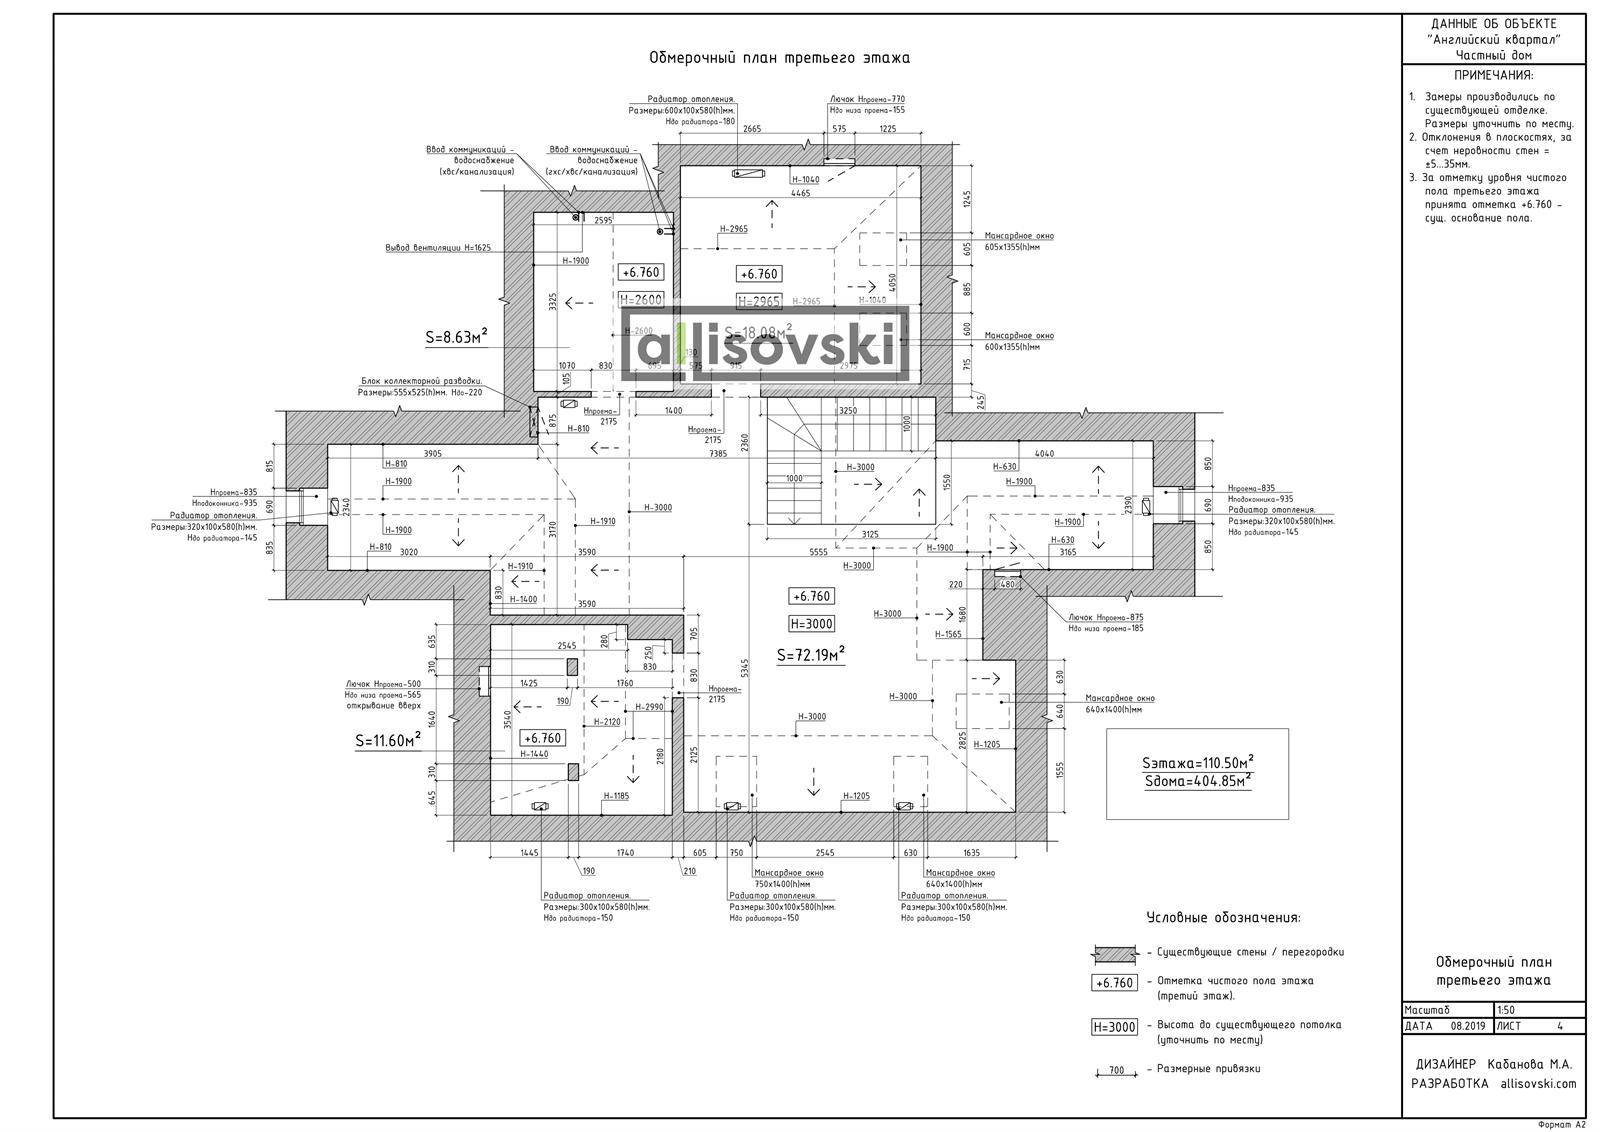 Обмерочный план третий этаж дома